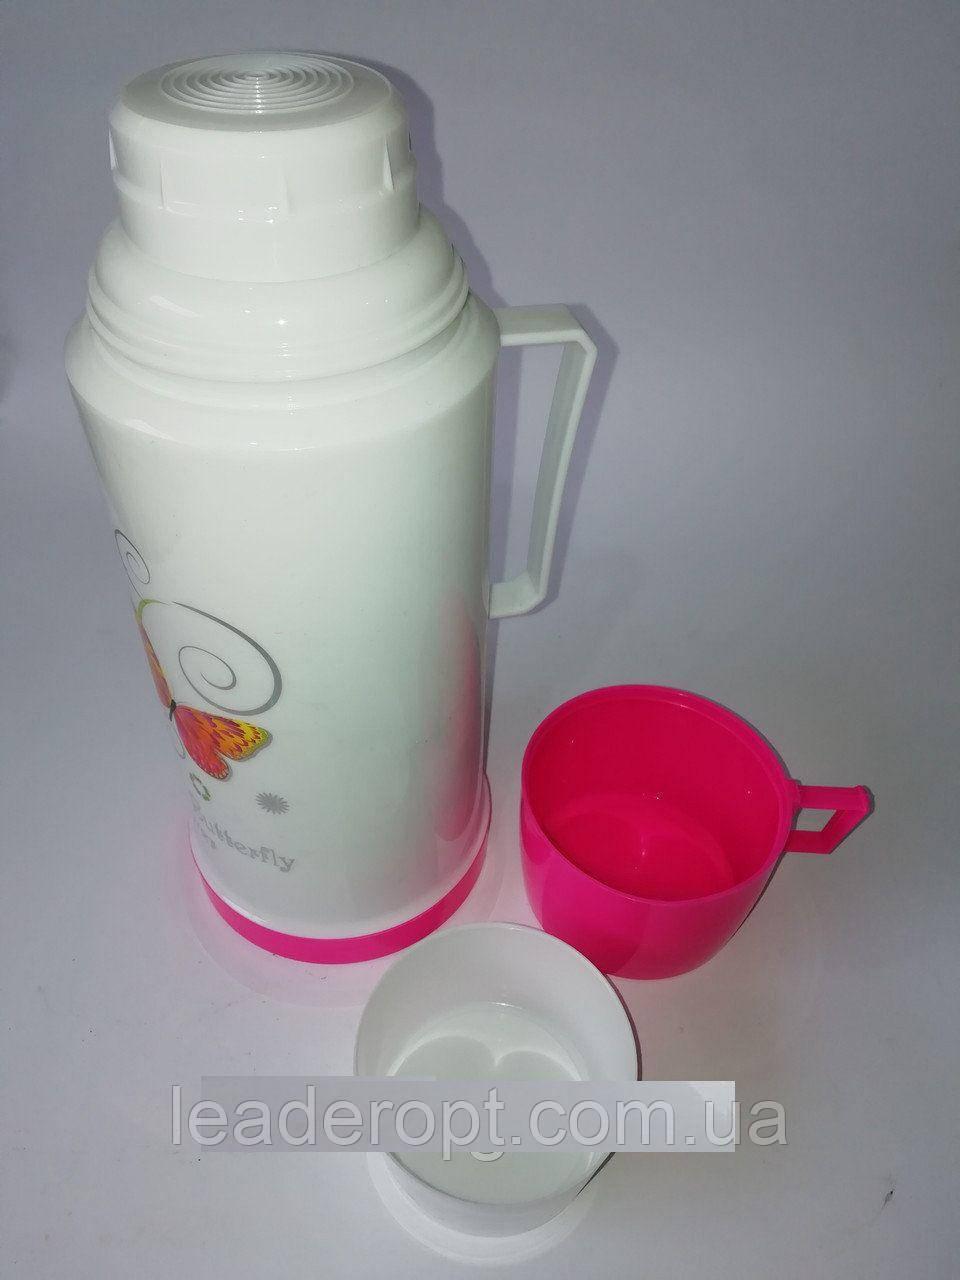 [ОПТ] Термос Вакуумный Пластик И Стекло 0.68L, 3 цвета